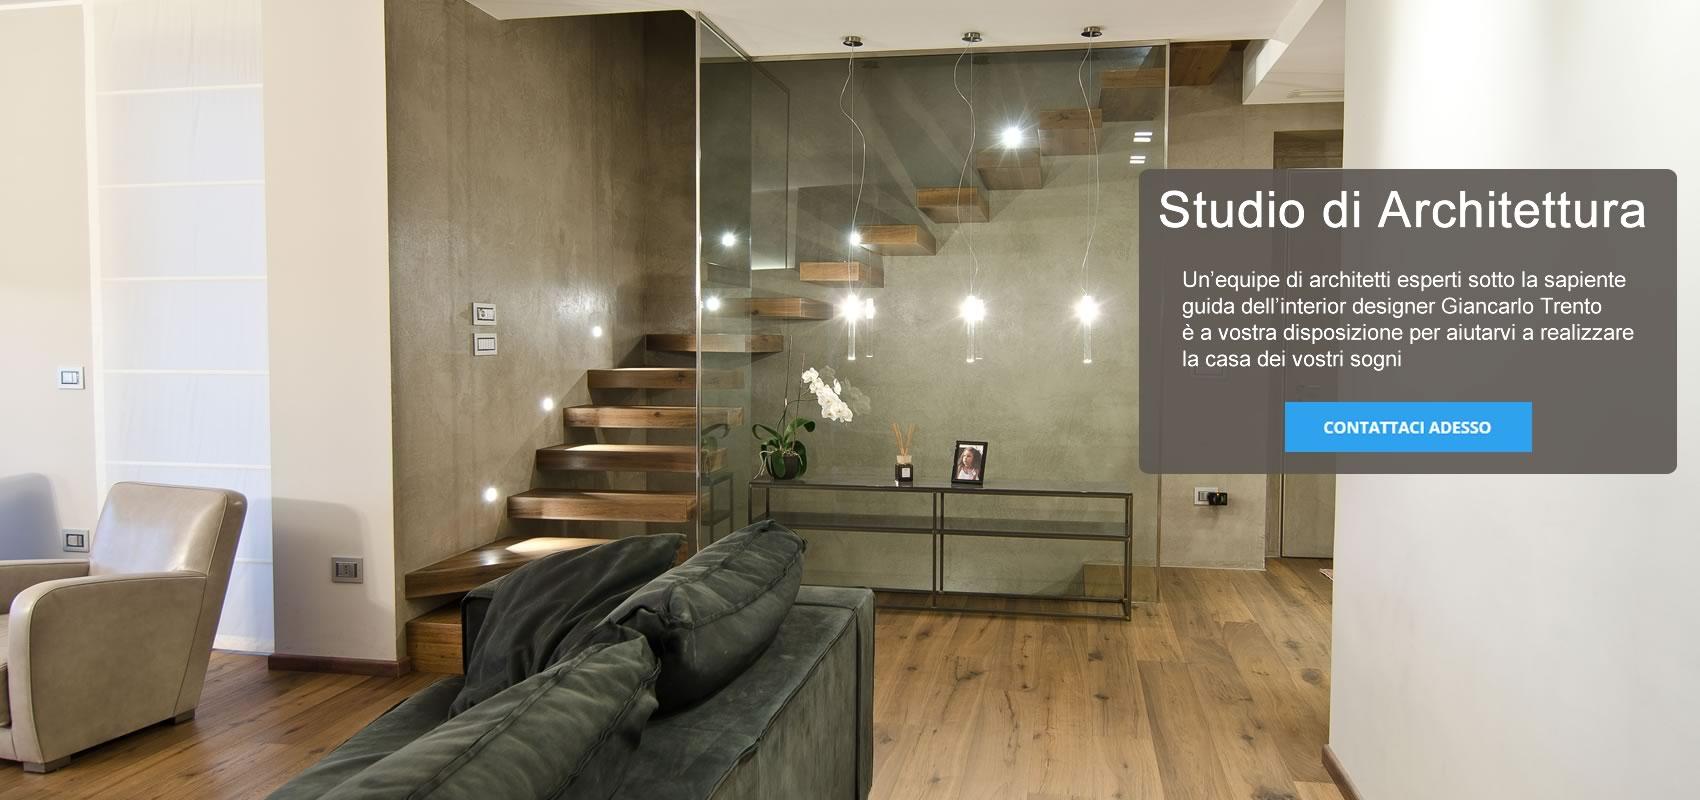 Interior design arredamento architettura di interni roma for Arredamento architettura interni